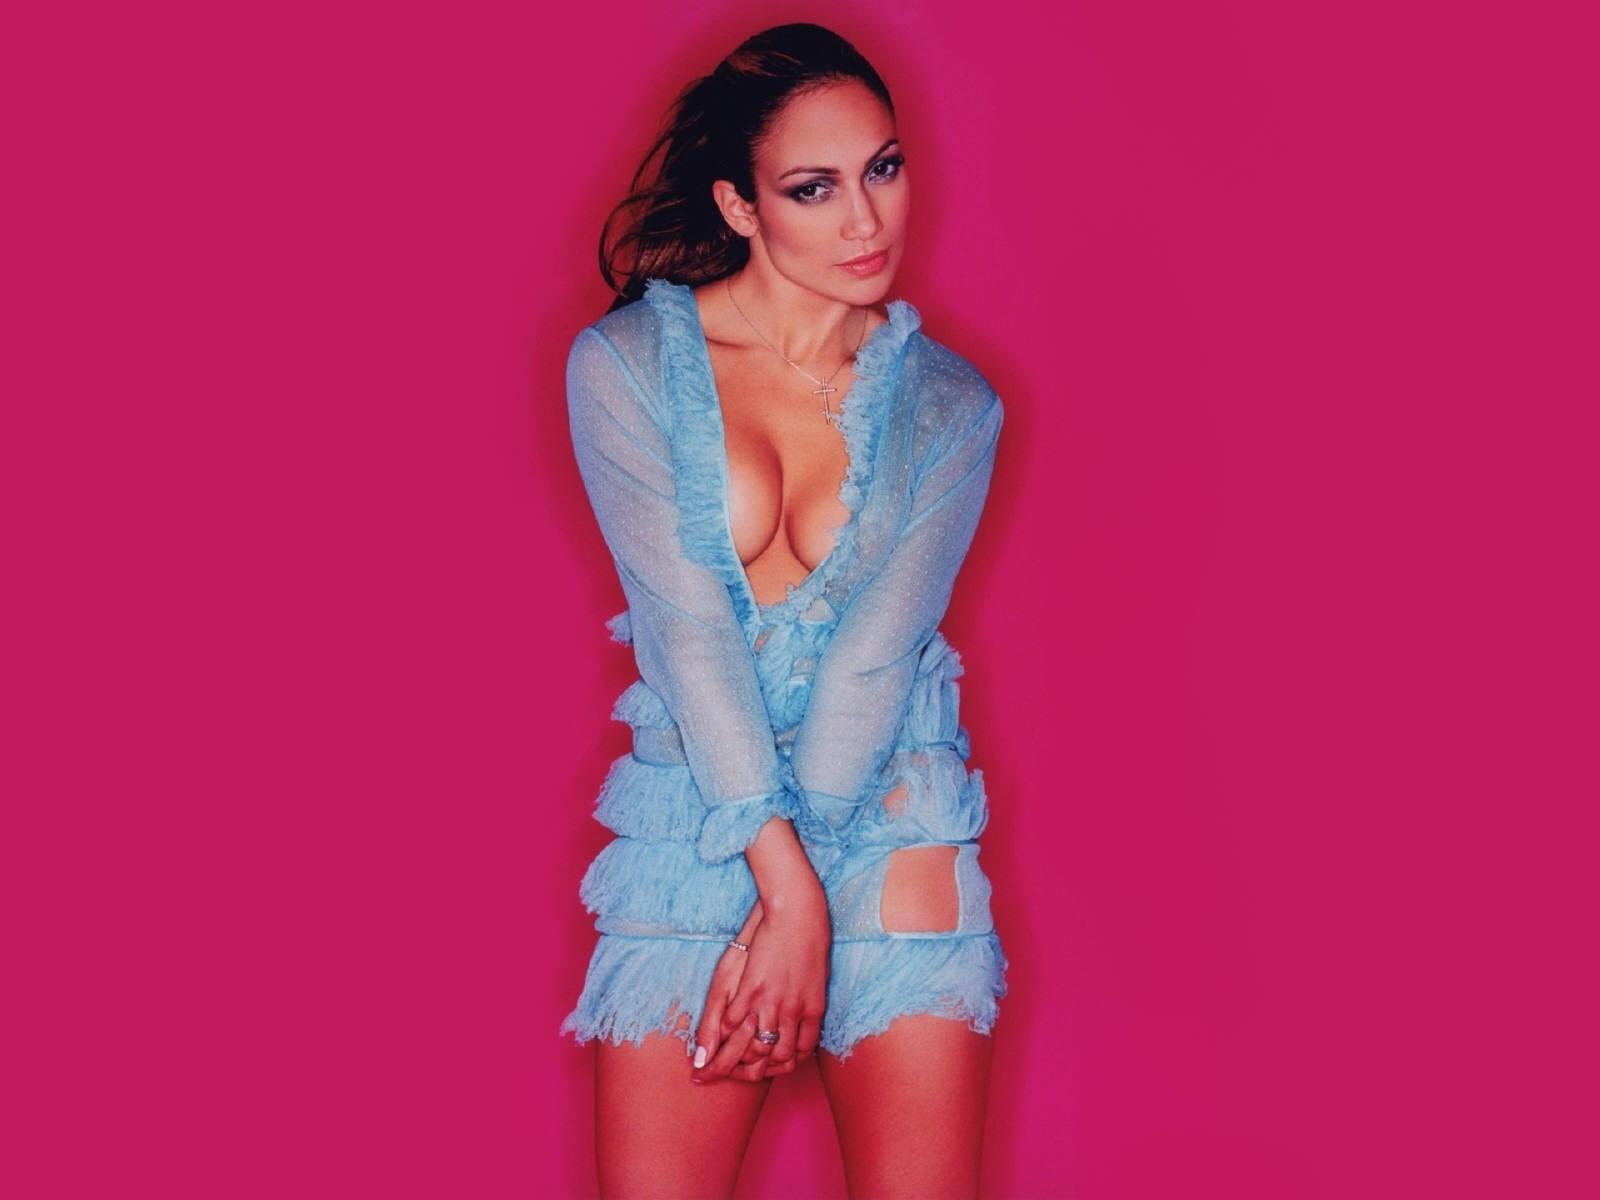 Wallpaper di Jennifer Lopez in abito azzurro